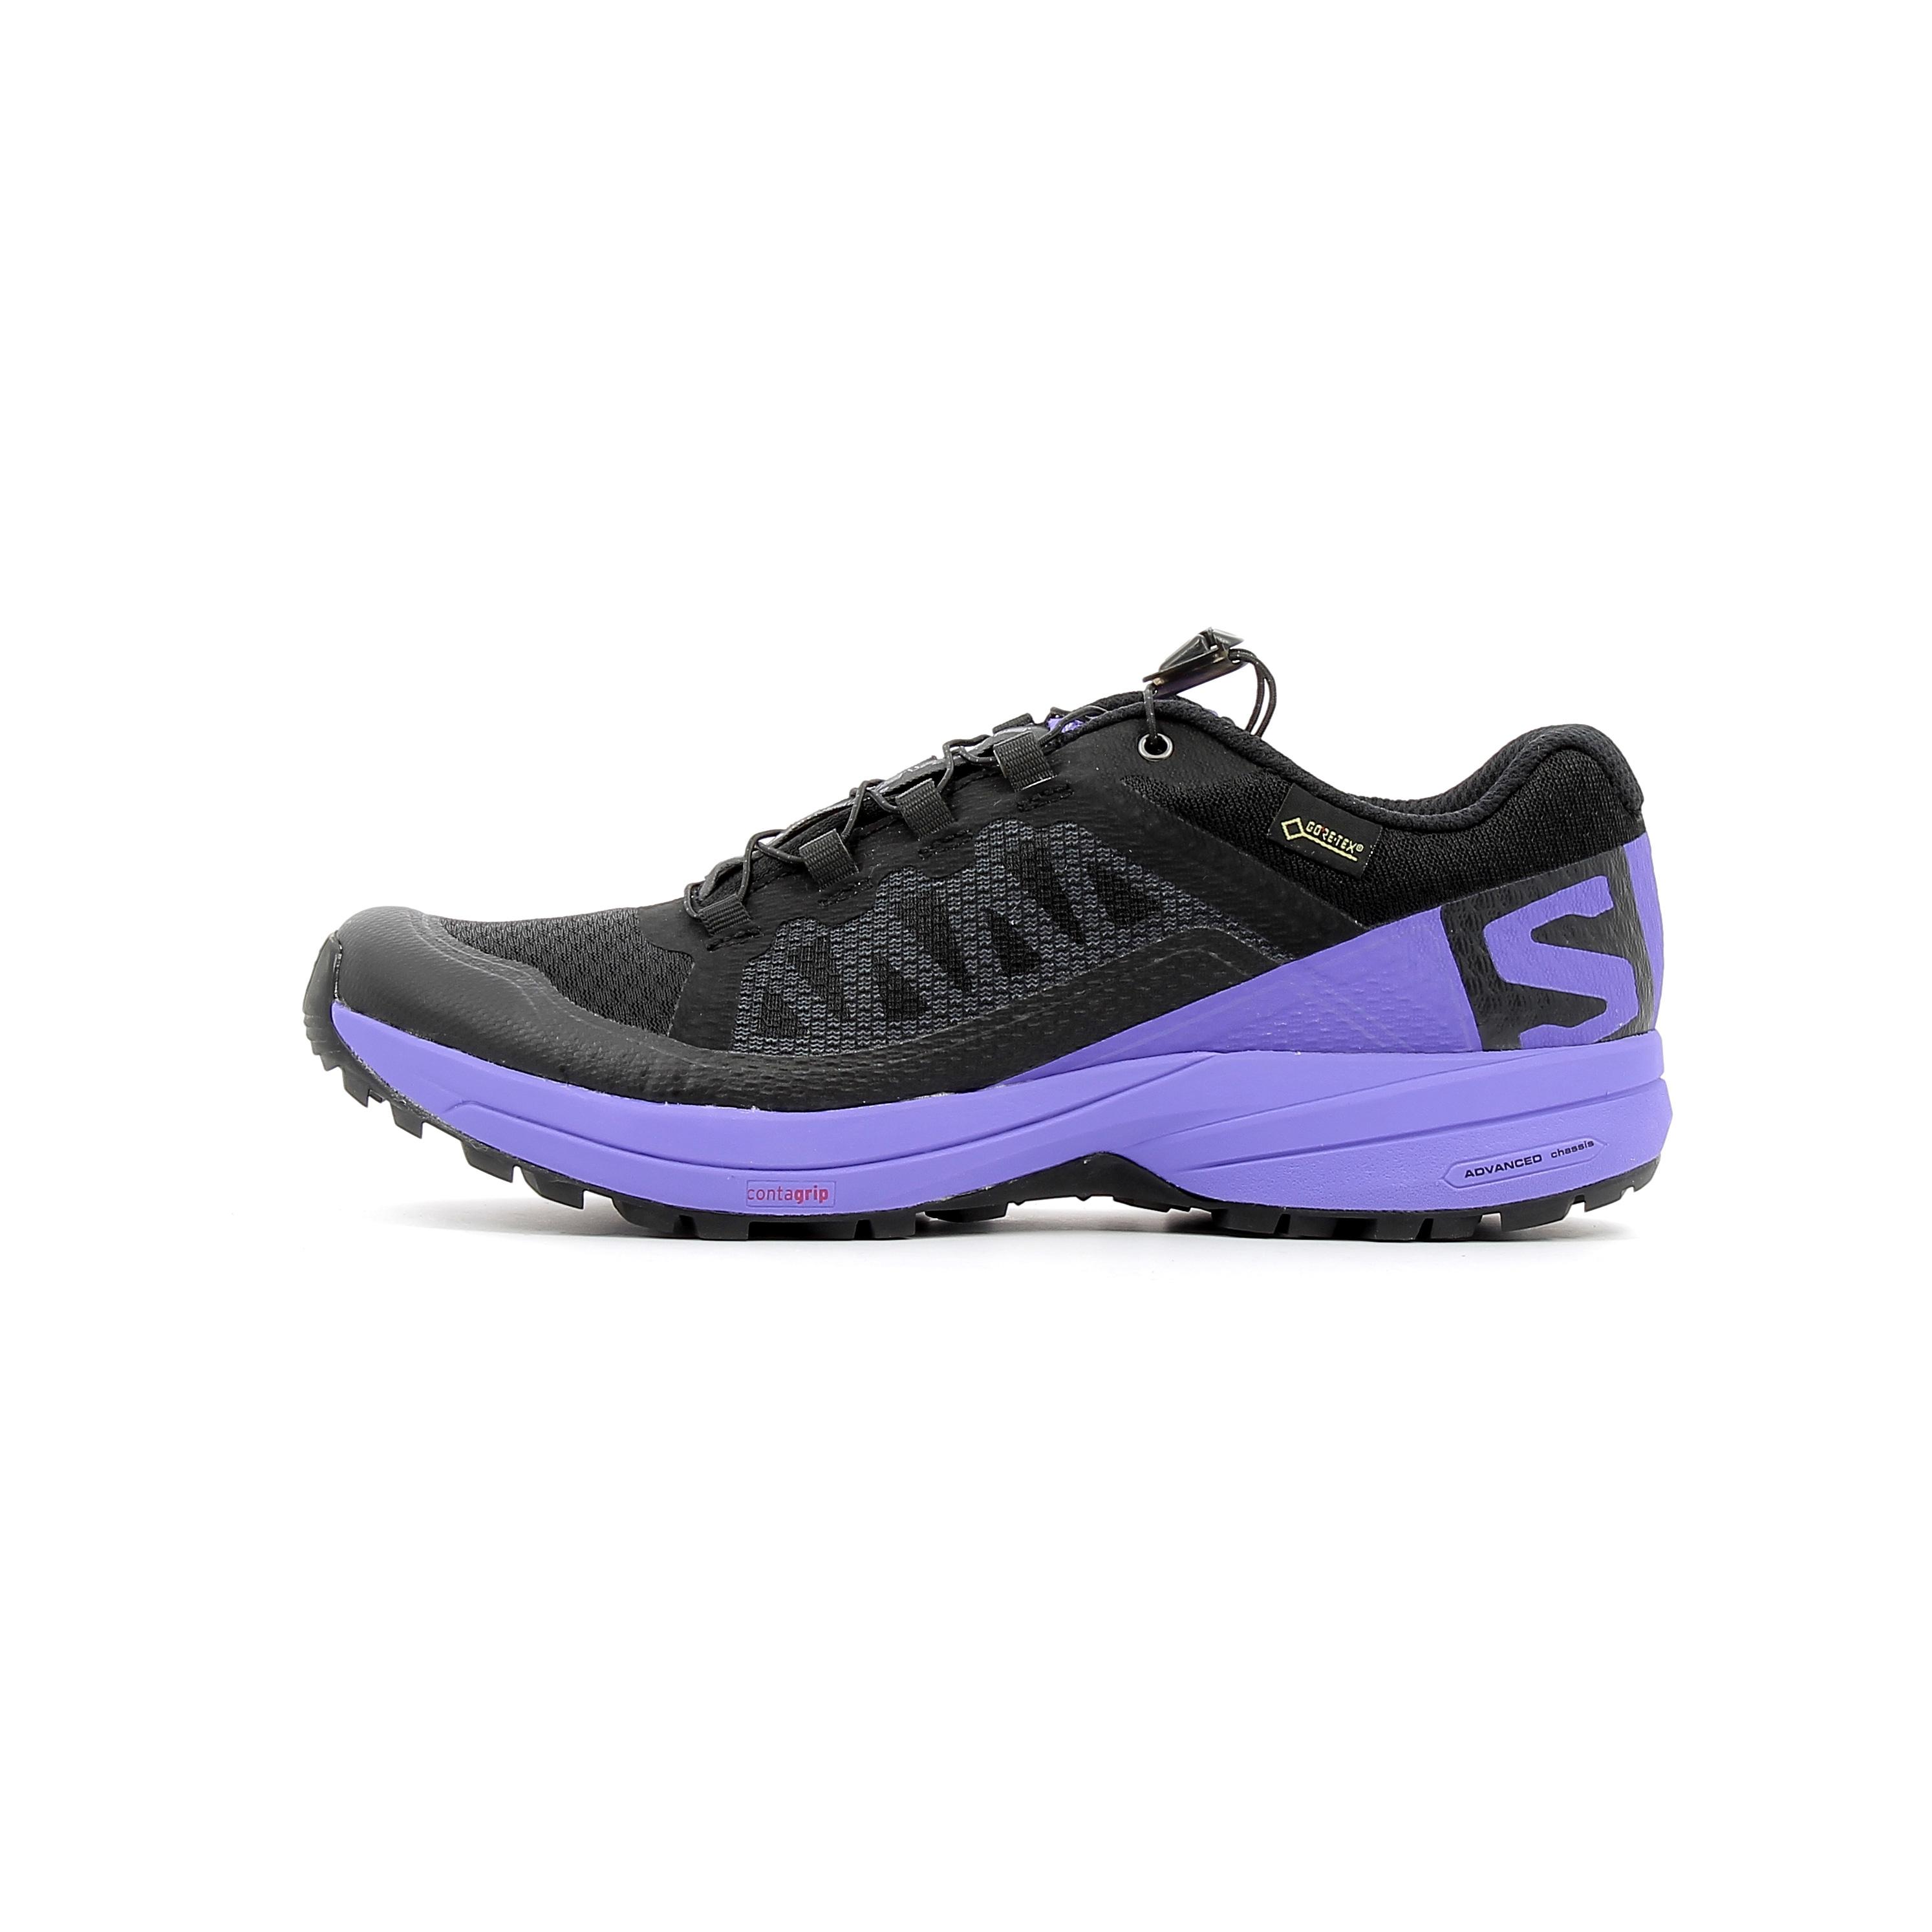 Chaussures De Elevate W Gtx Salomon Trail Xa 54Rj3LcAq